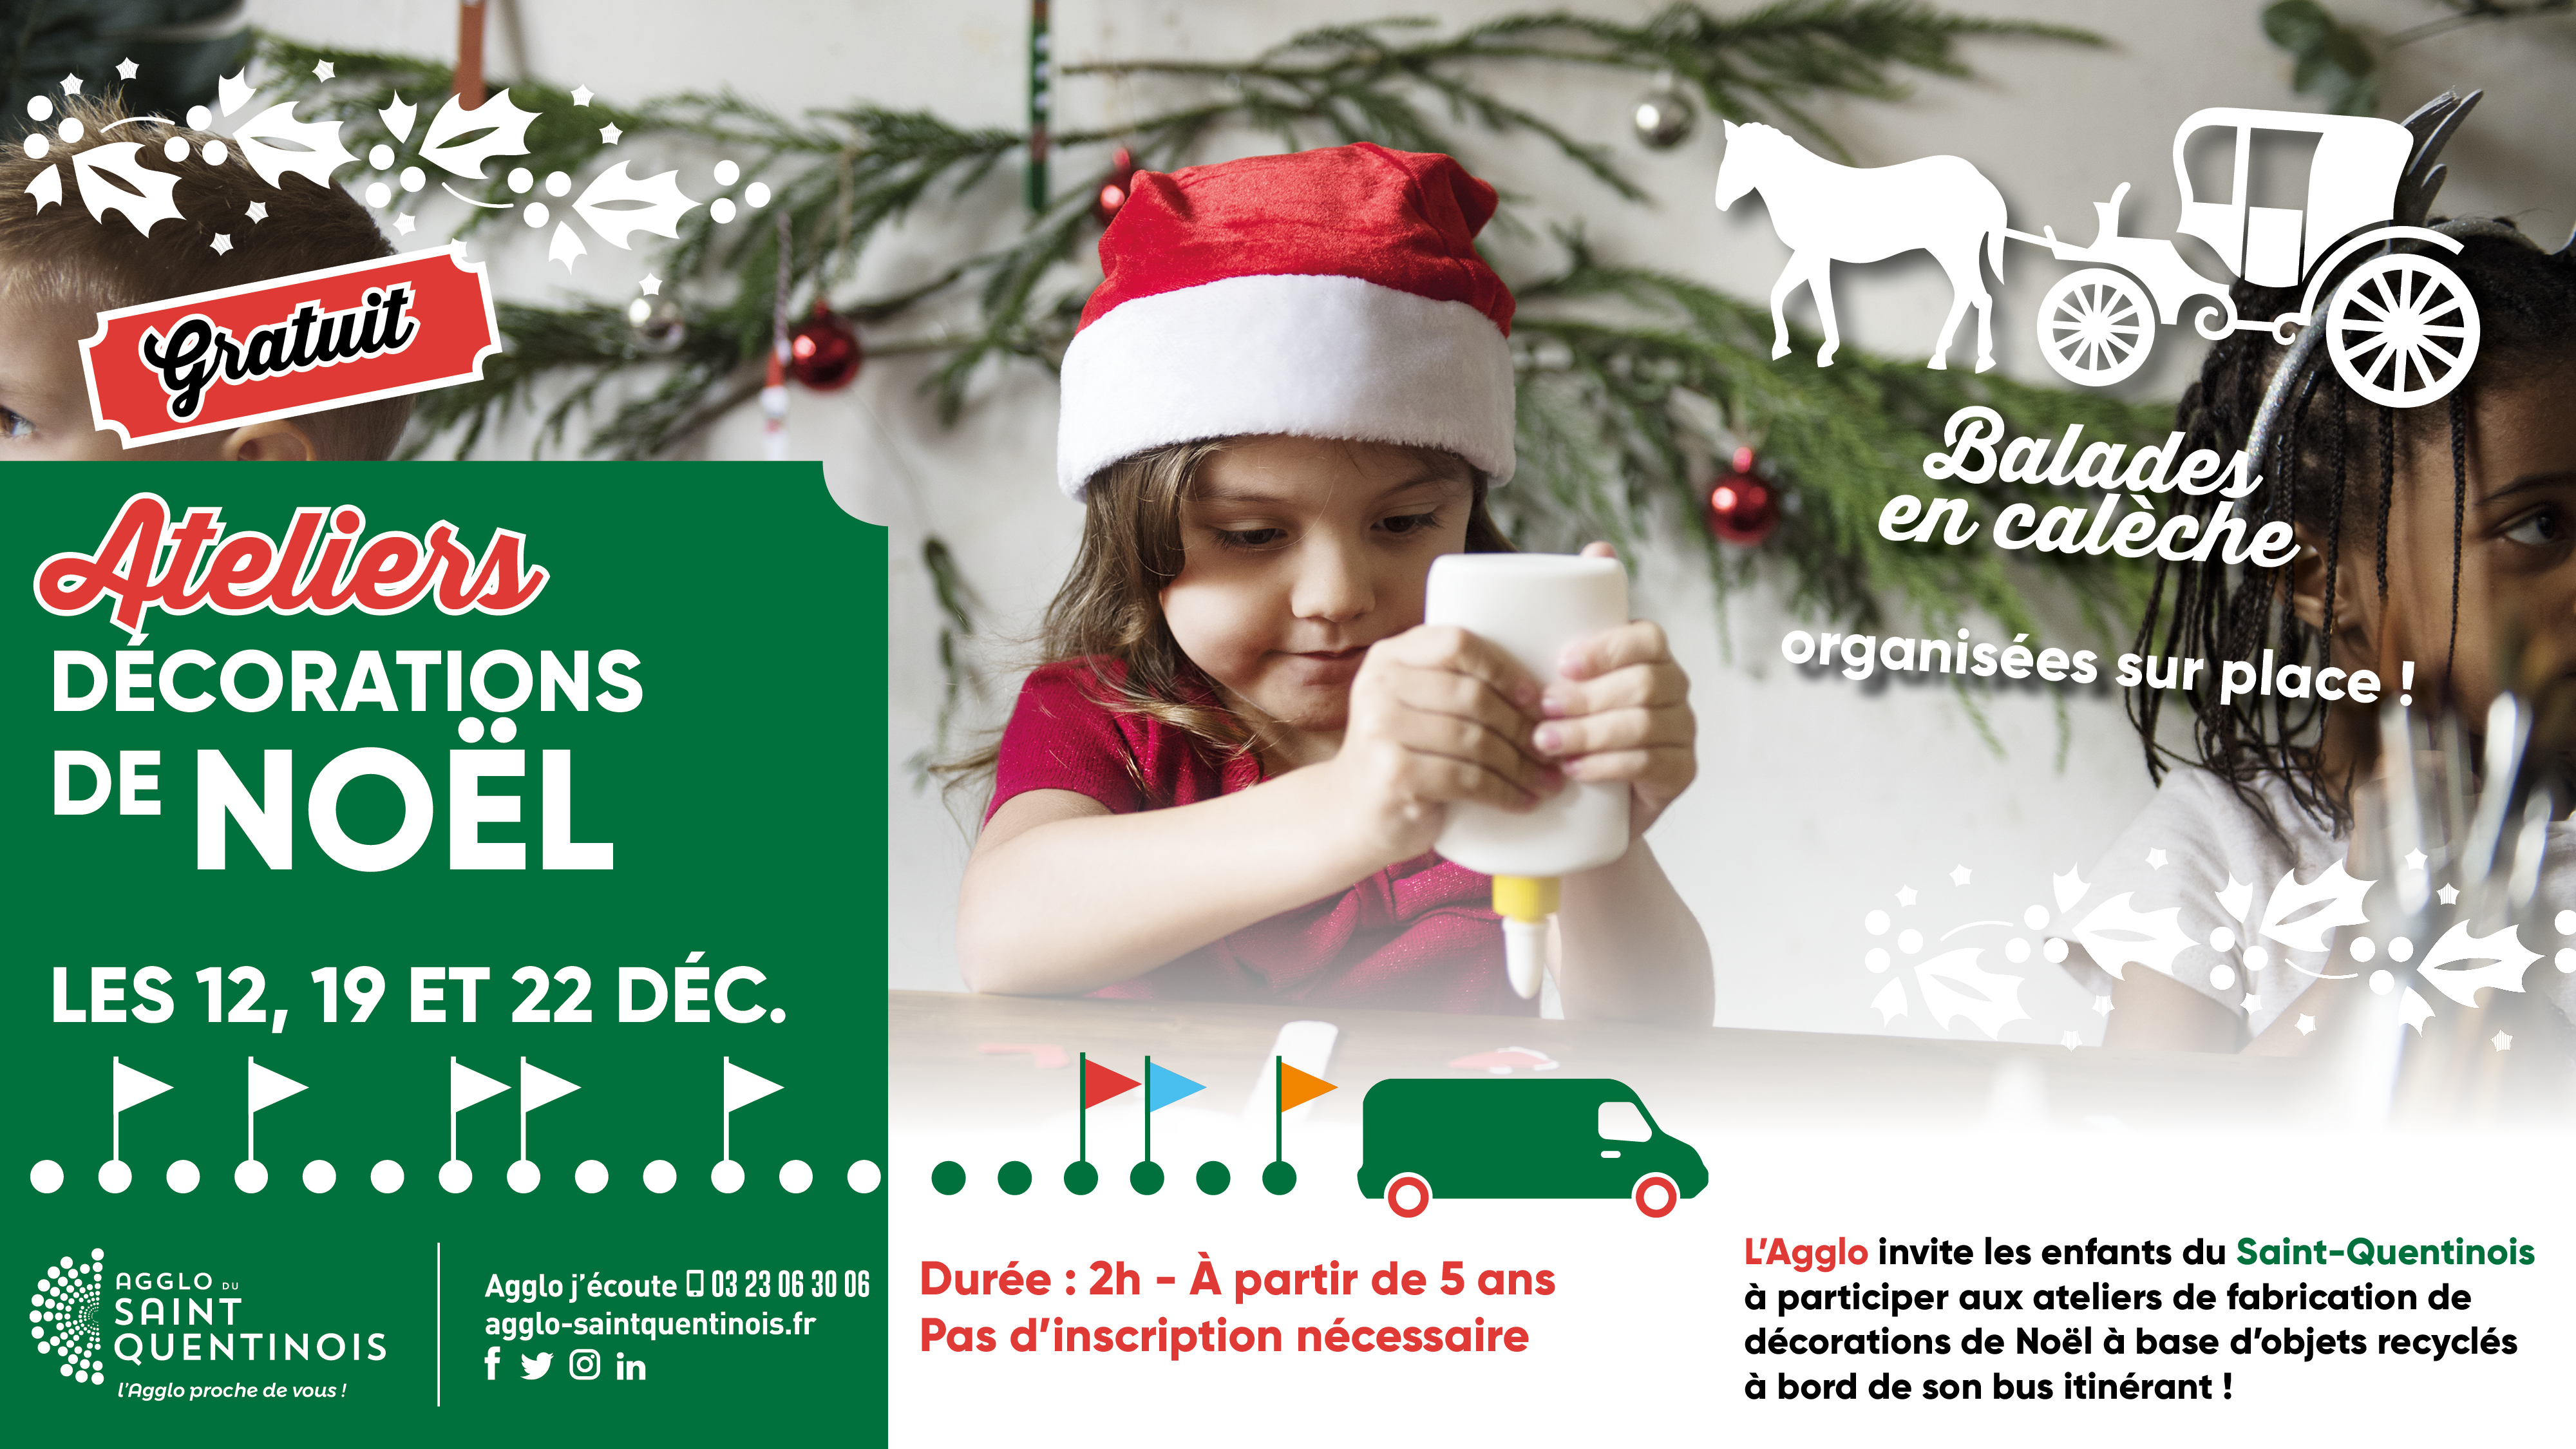 Dès demain participez aux ateliers itinérants de fabrication de décoration de Noël !#atelier #Noël #Décoration #DIY #AggloSaintQuentinois agglo-saintquentinois.fr/agenda-133/ate…